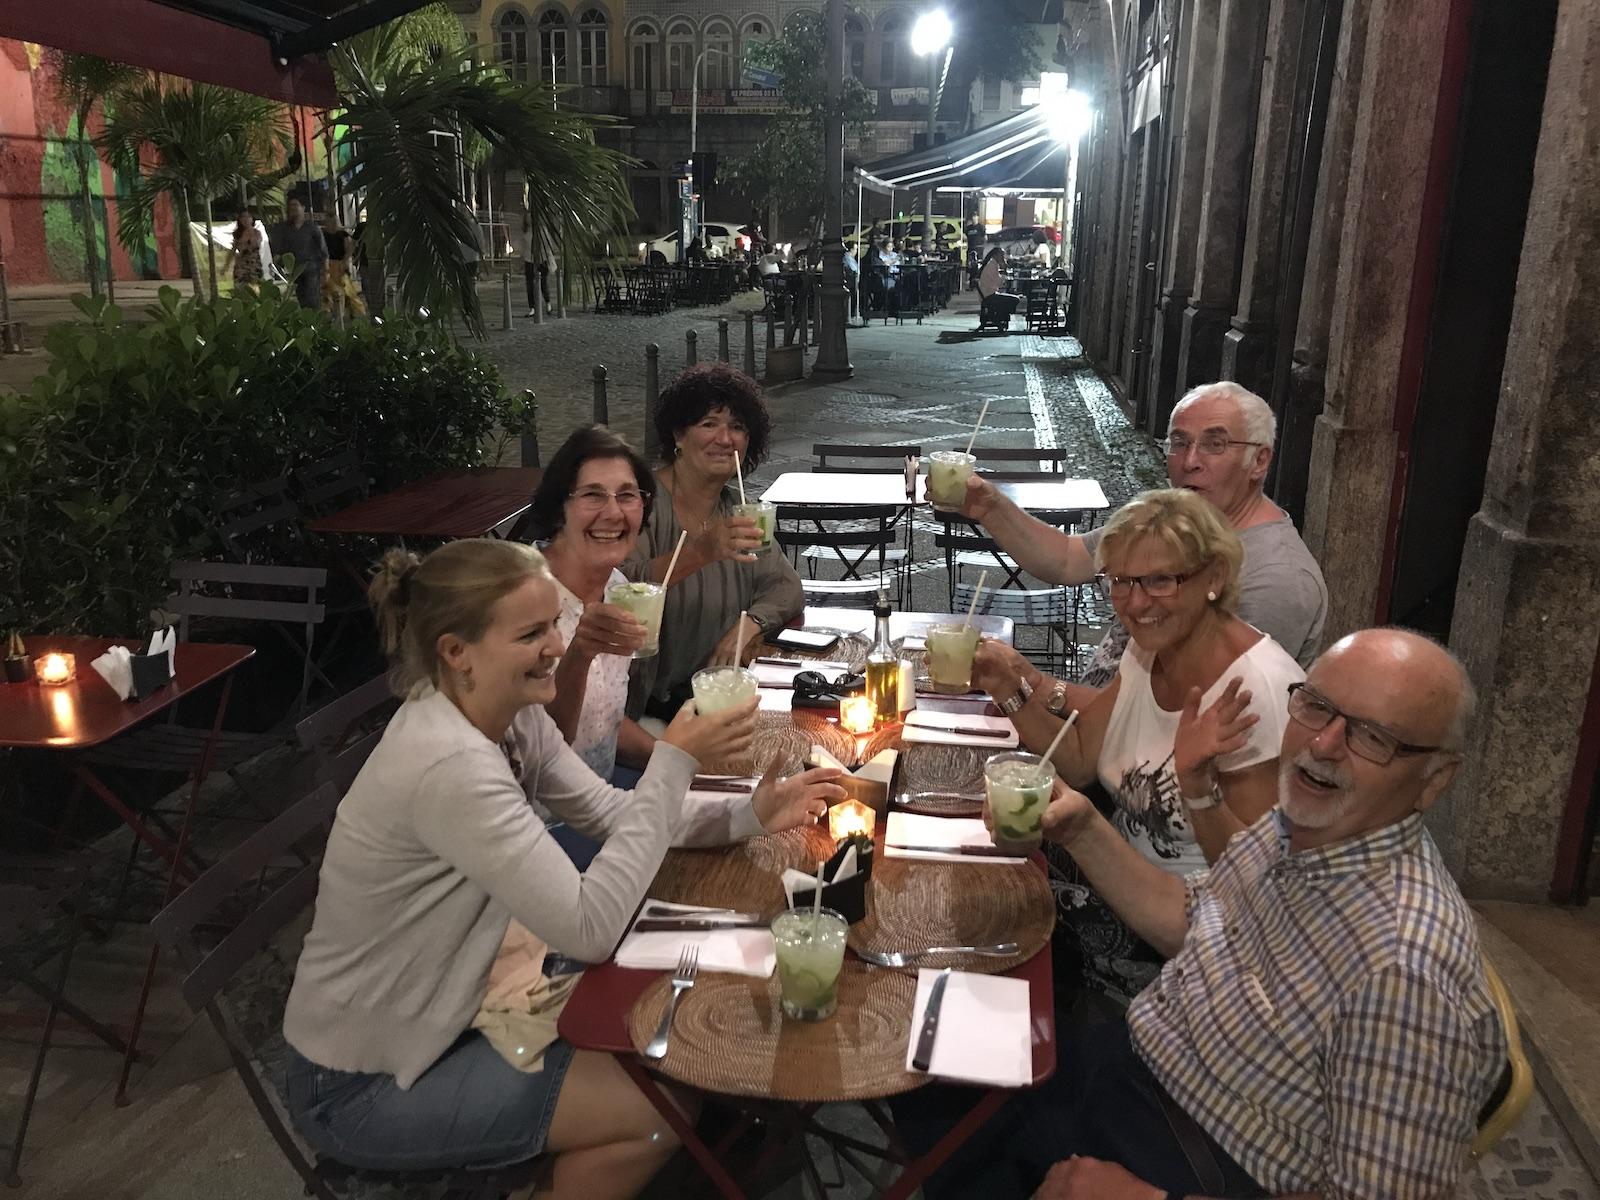 tourameo-reiseveranstalter-brasilien-rio-gruppe-restaurant